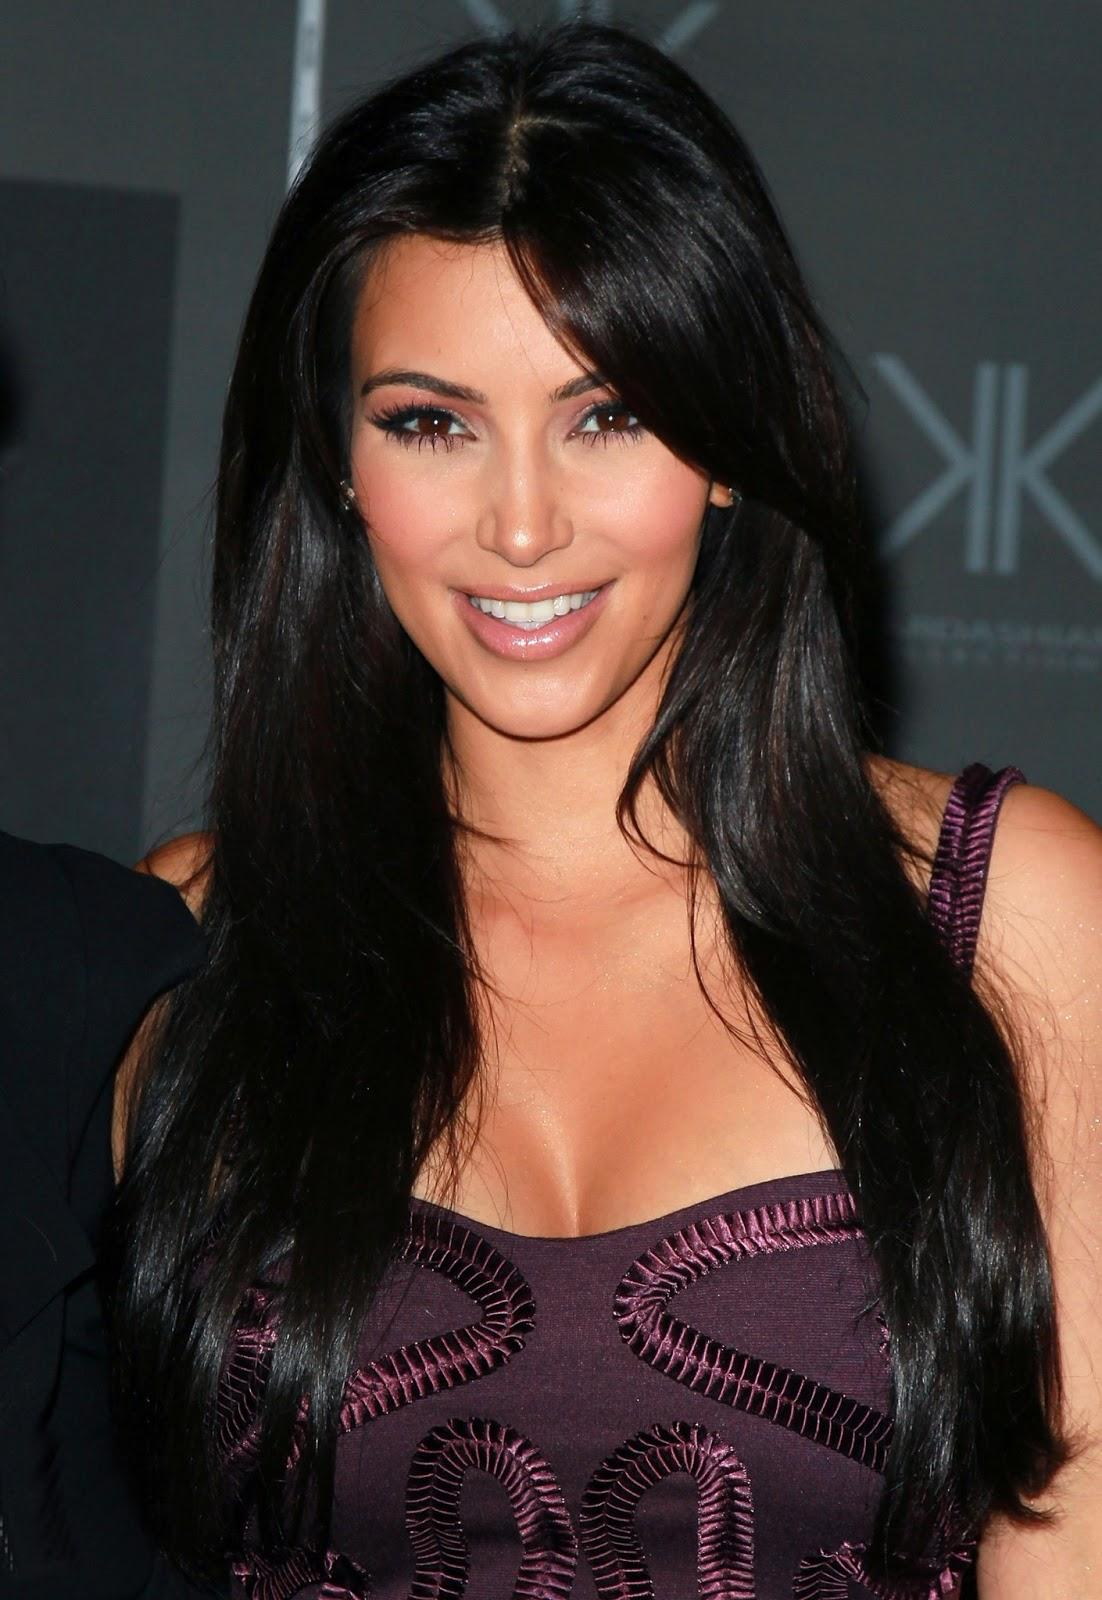 kim kardashian HD wallpapers 1080p Download Wallpaper 1102x1600